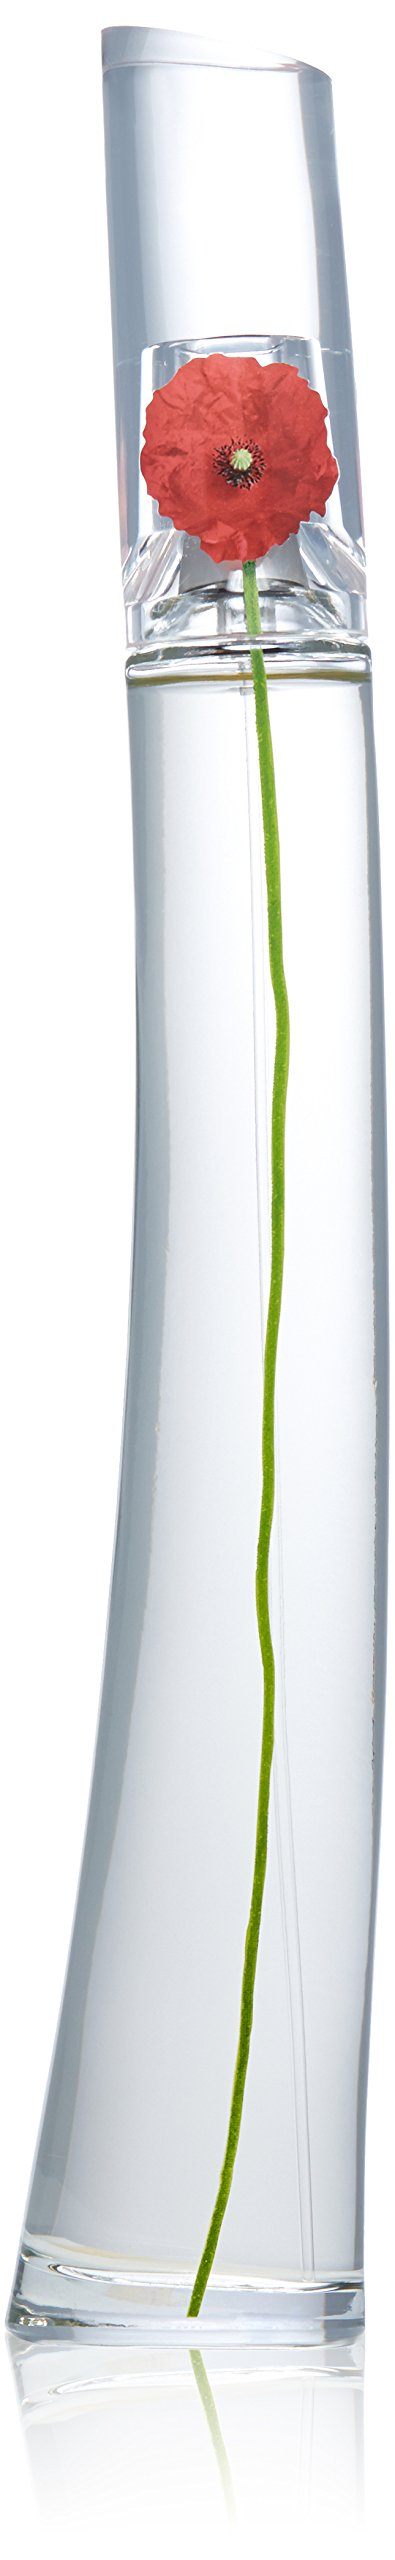 Kenzo Flower Tag Women Eau De Toilette Spray 34 Ounce Woman Edt 100 Ml Original Free Vial By For Parfum 33 Ounces